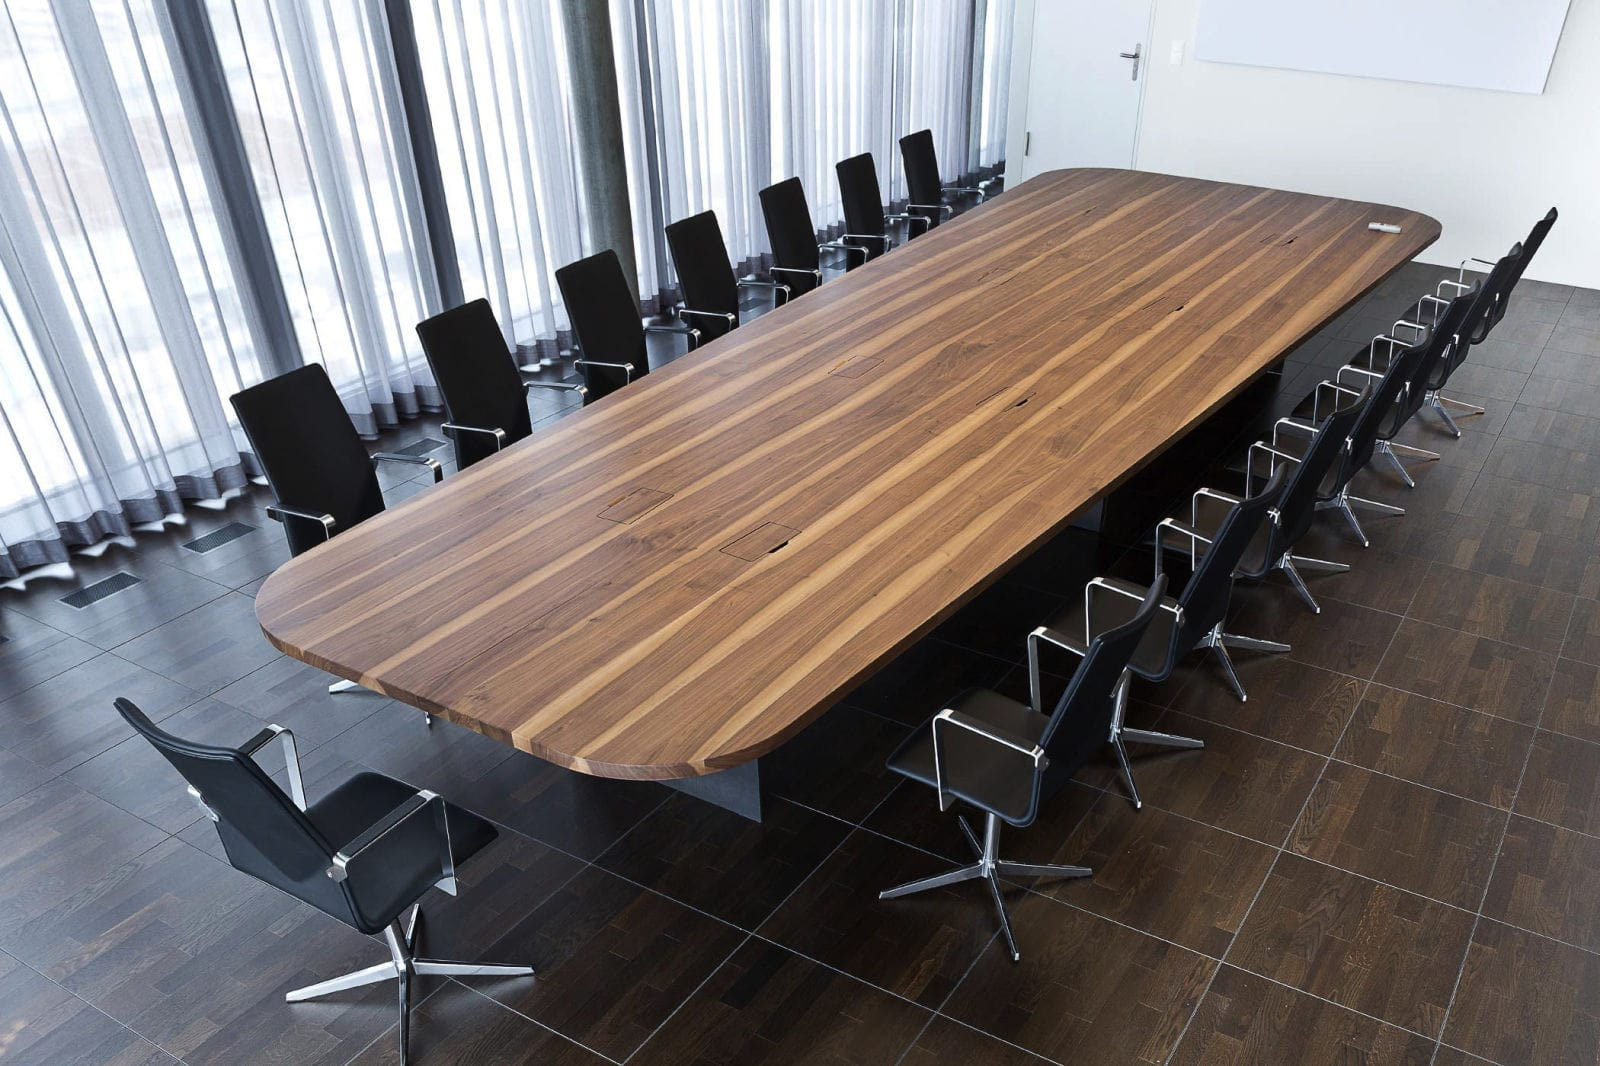 table de conférence contemporaine / en bois massif / rectangulaire